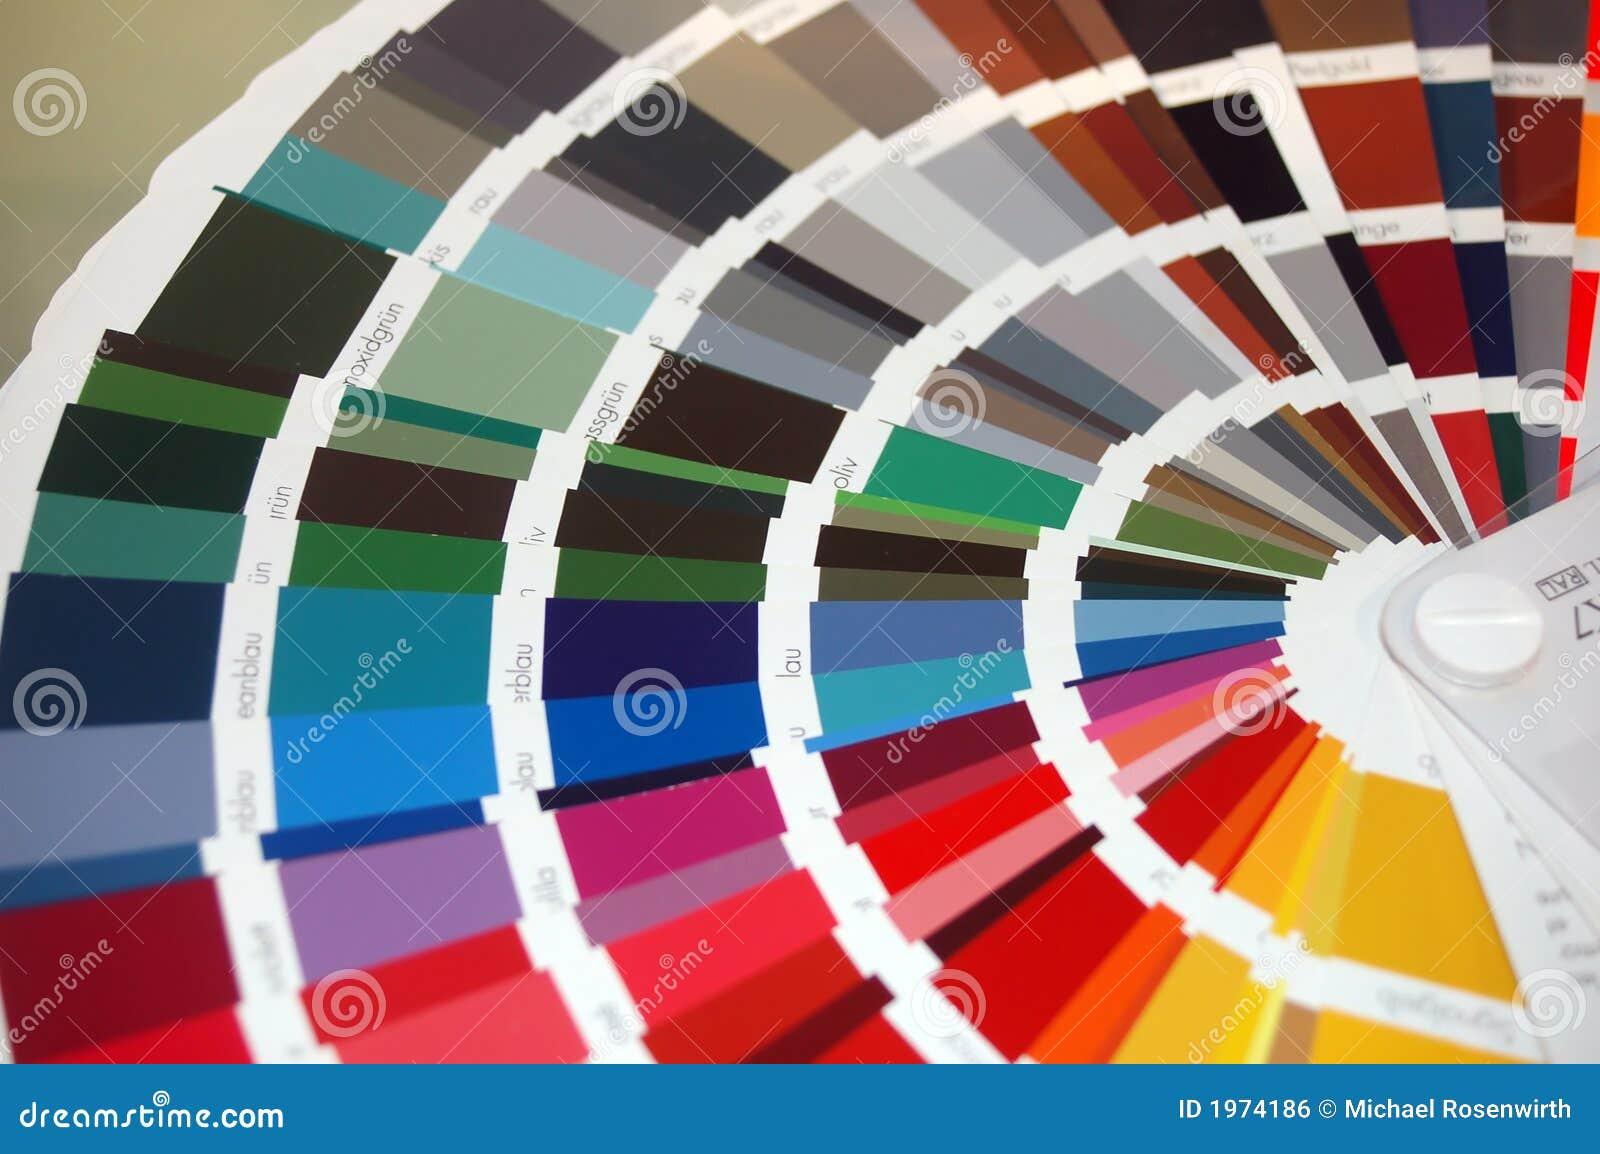 Colour chart stock photo. Image of beauty, beautiful, chart - 1974186